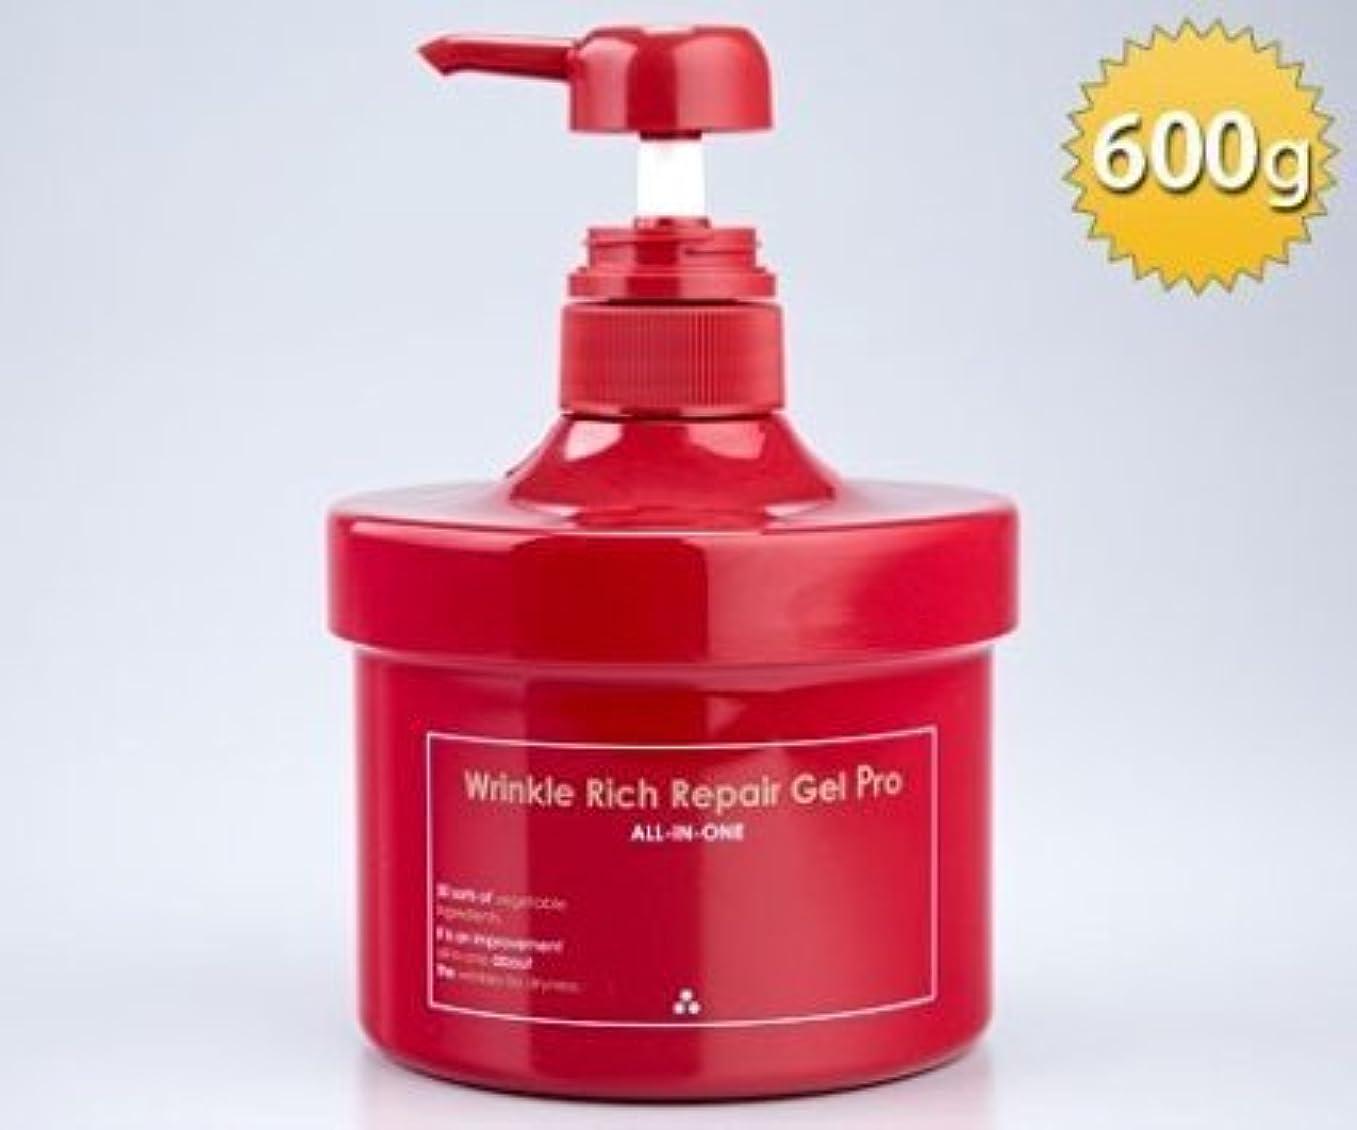 リンクルリッチリペアゲル プロ 保湿ゲルクリーム ポンプ式 大容量600g